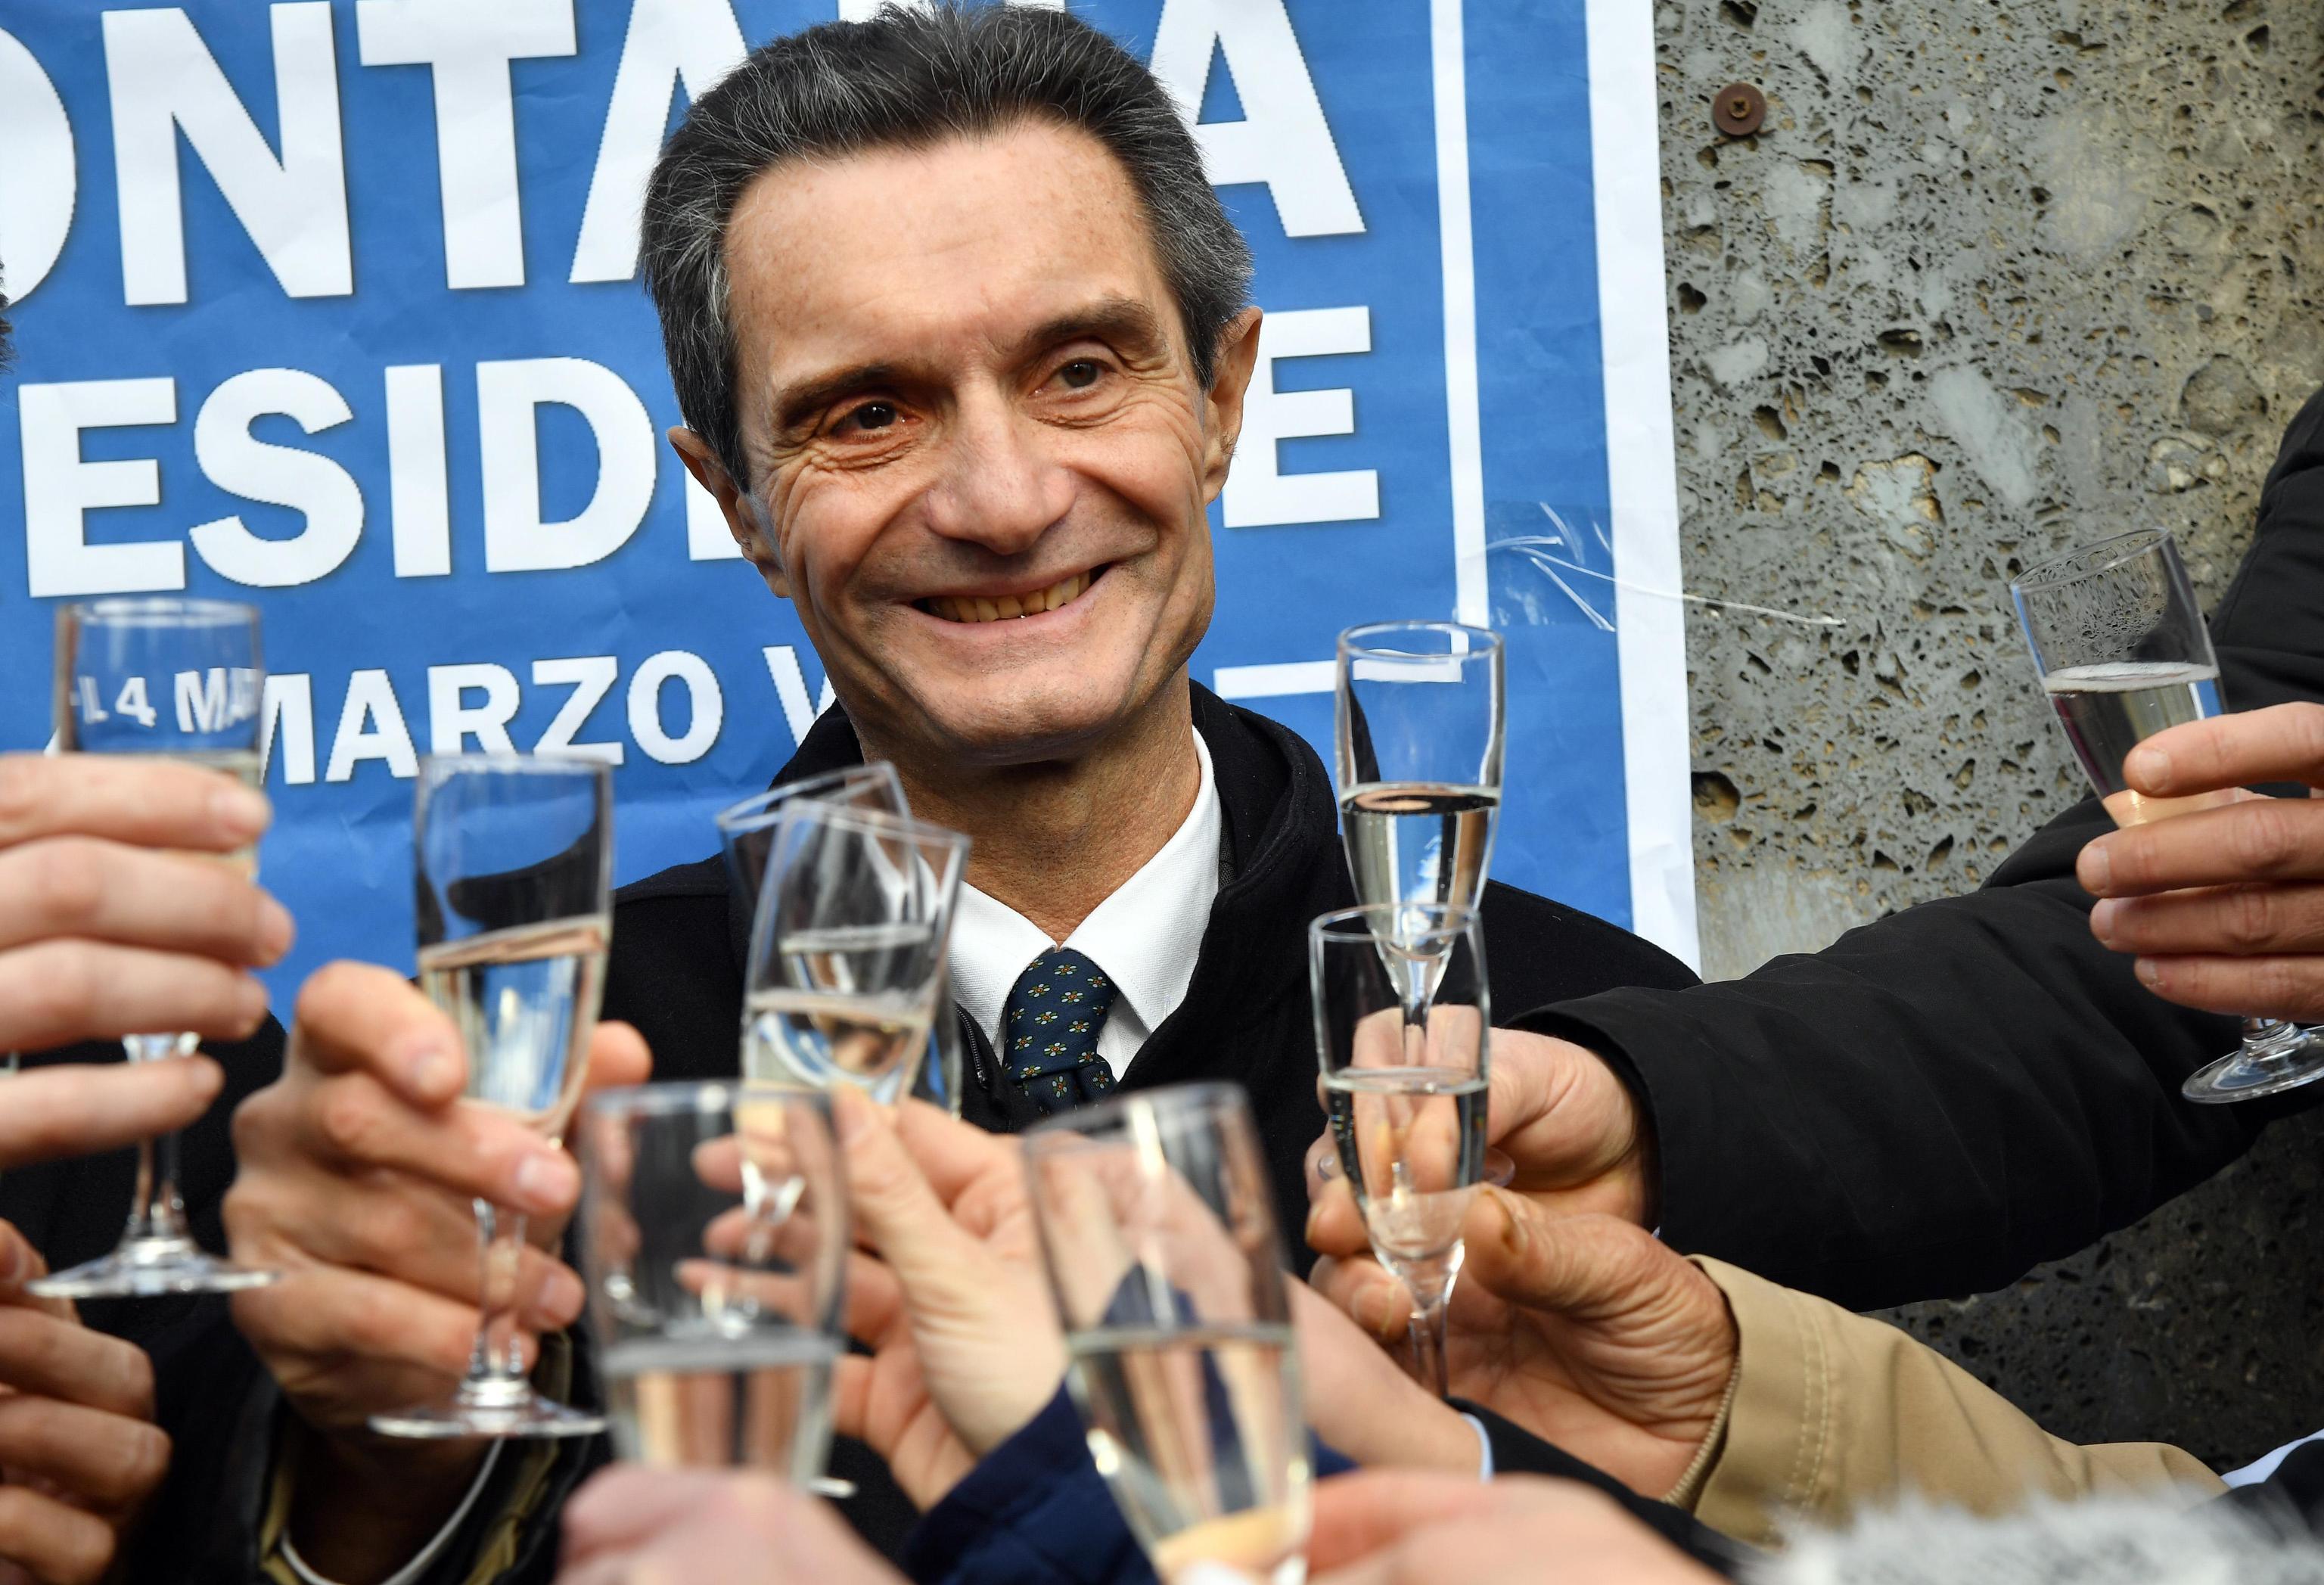 Chi è Attilio Fontana, il candidato proposto dal centro destra per la Regione Lombardia